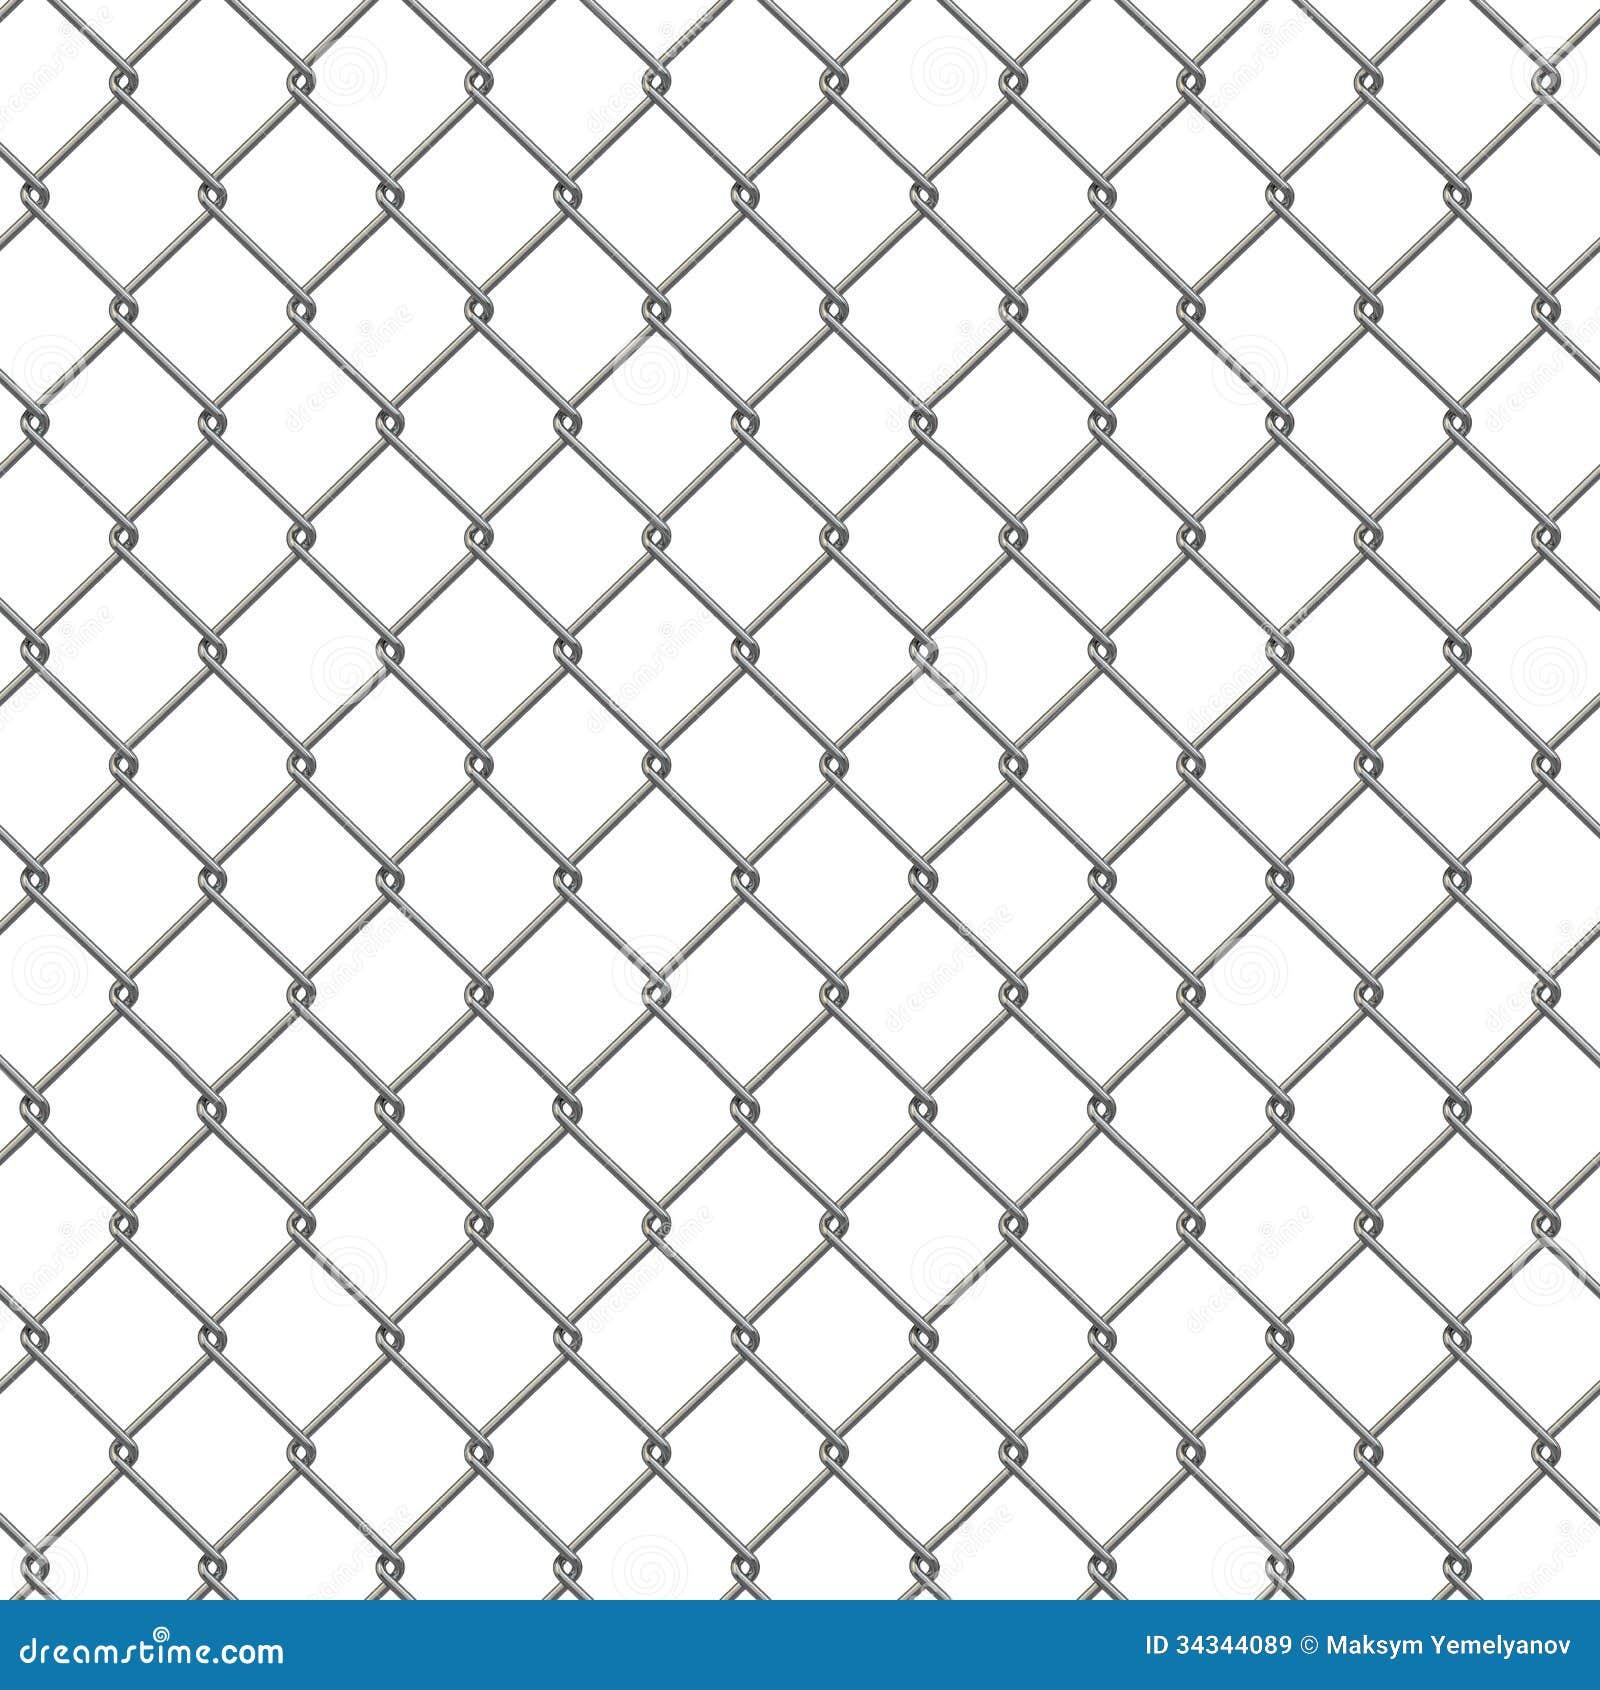 Fence png transparent images png all - Textura Da Telha Da Cerca Do Arame Farpado Imagens De